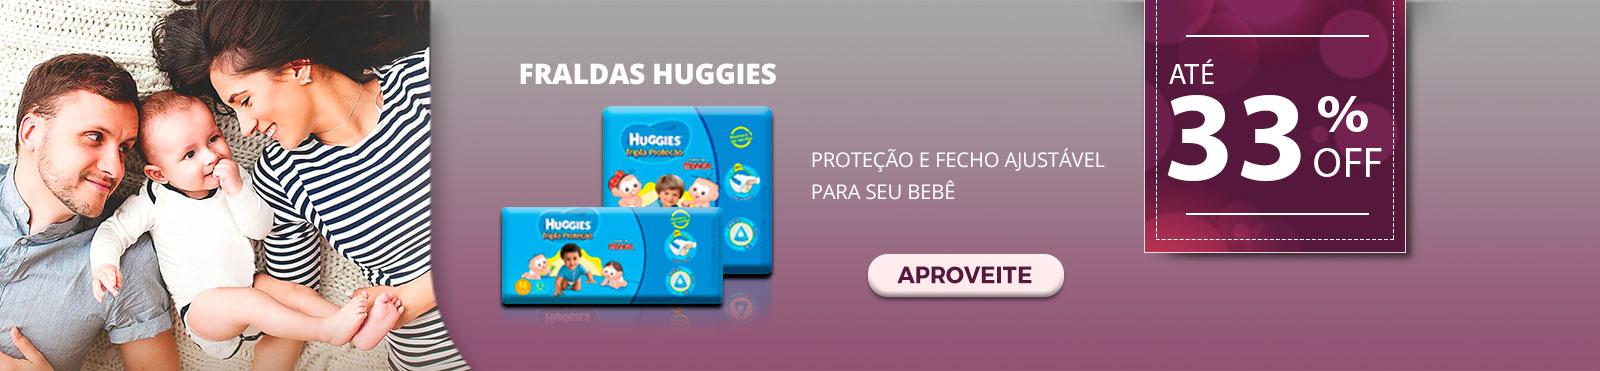 fraldas-destaque-huggies